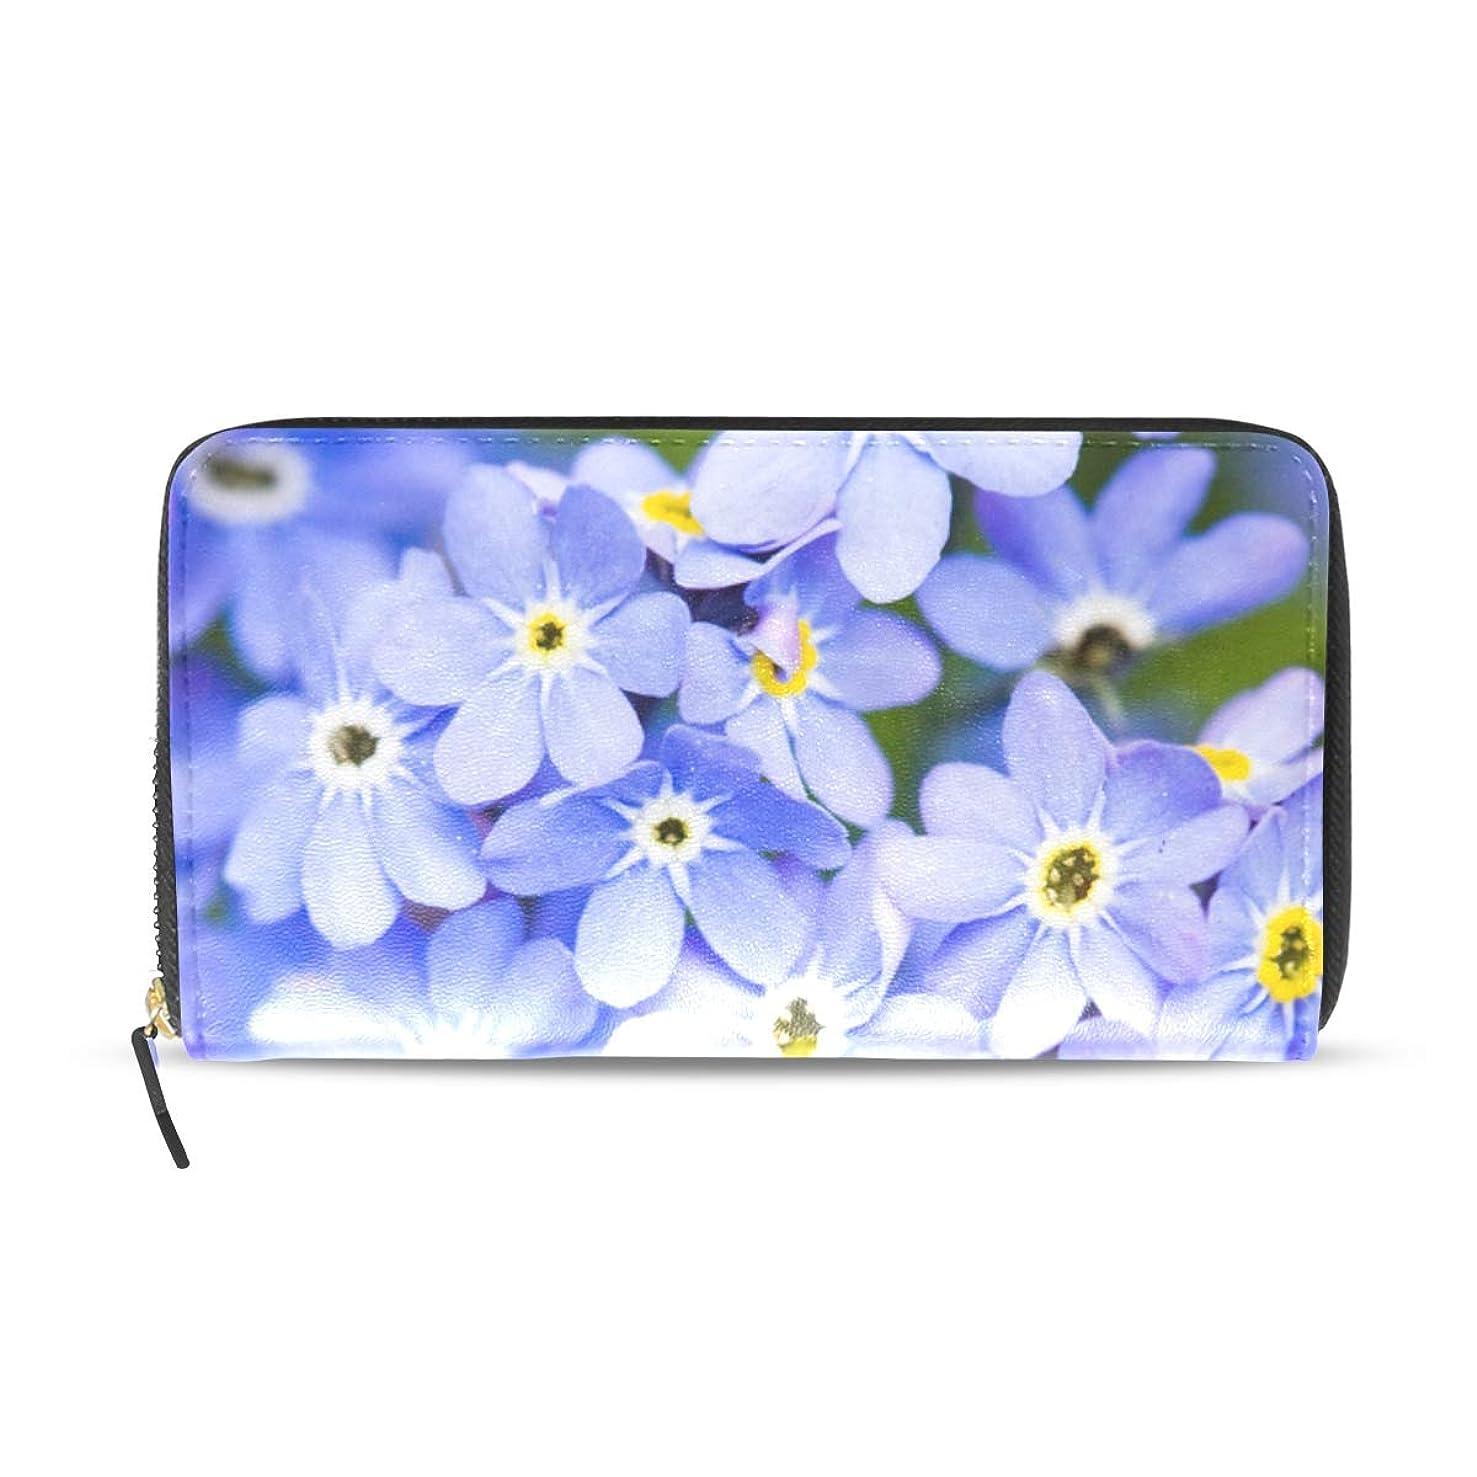 コーン敏感な特異な旅立の店 長財布 人気 レディース メンズ 大容量多機能 二つ折り ラウンドファスナー PUレザー 青い花柄 ウォレット ブラック